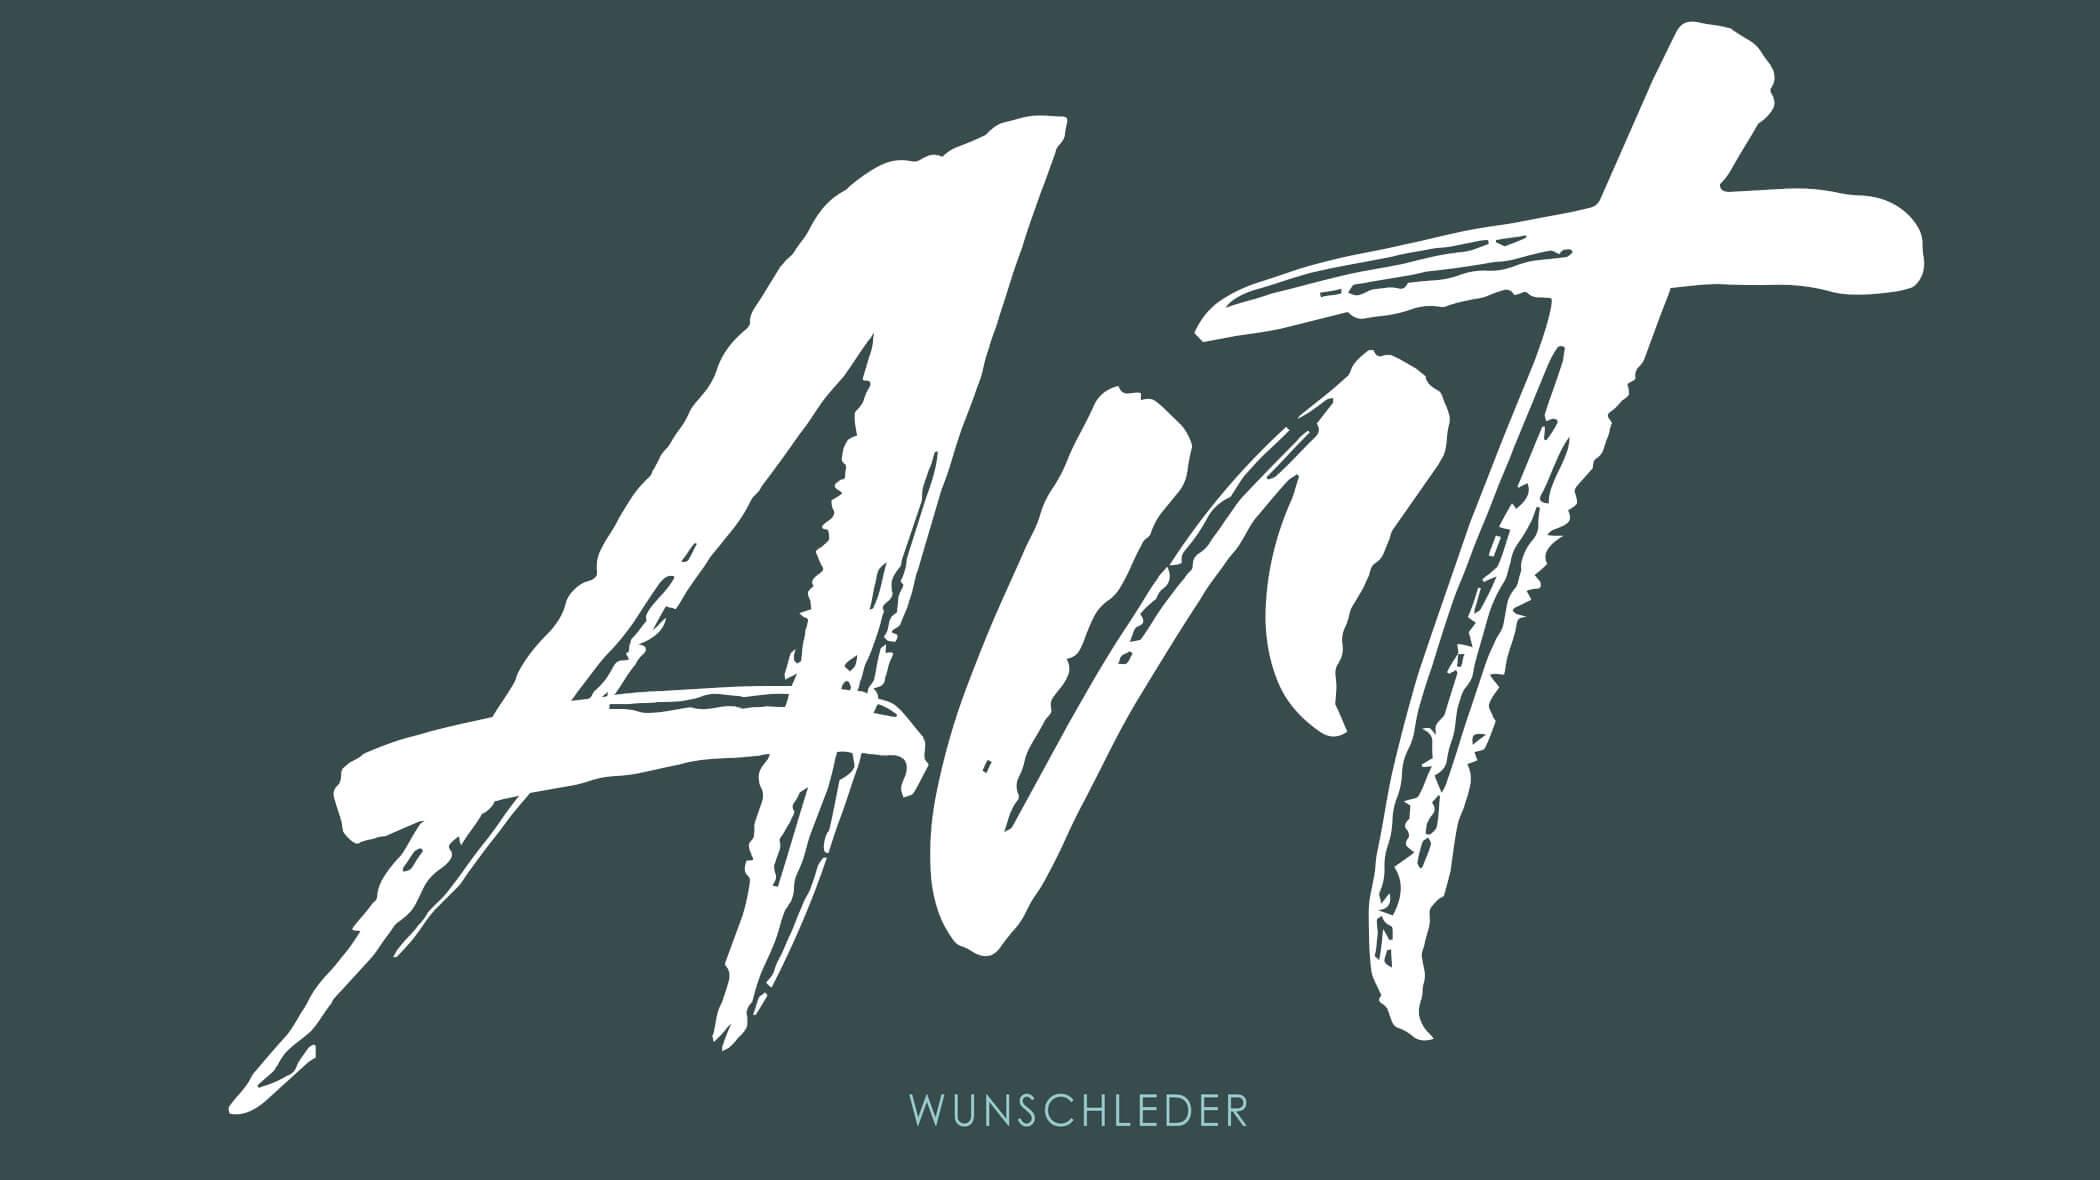 free Handlettering Fonts | Design | Fonts | Wunschleder